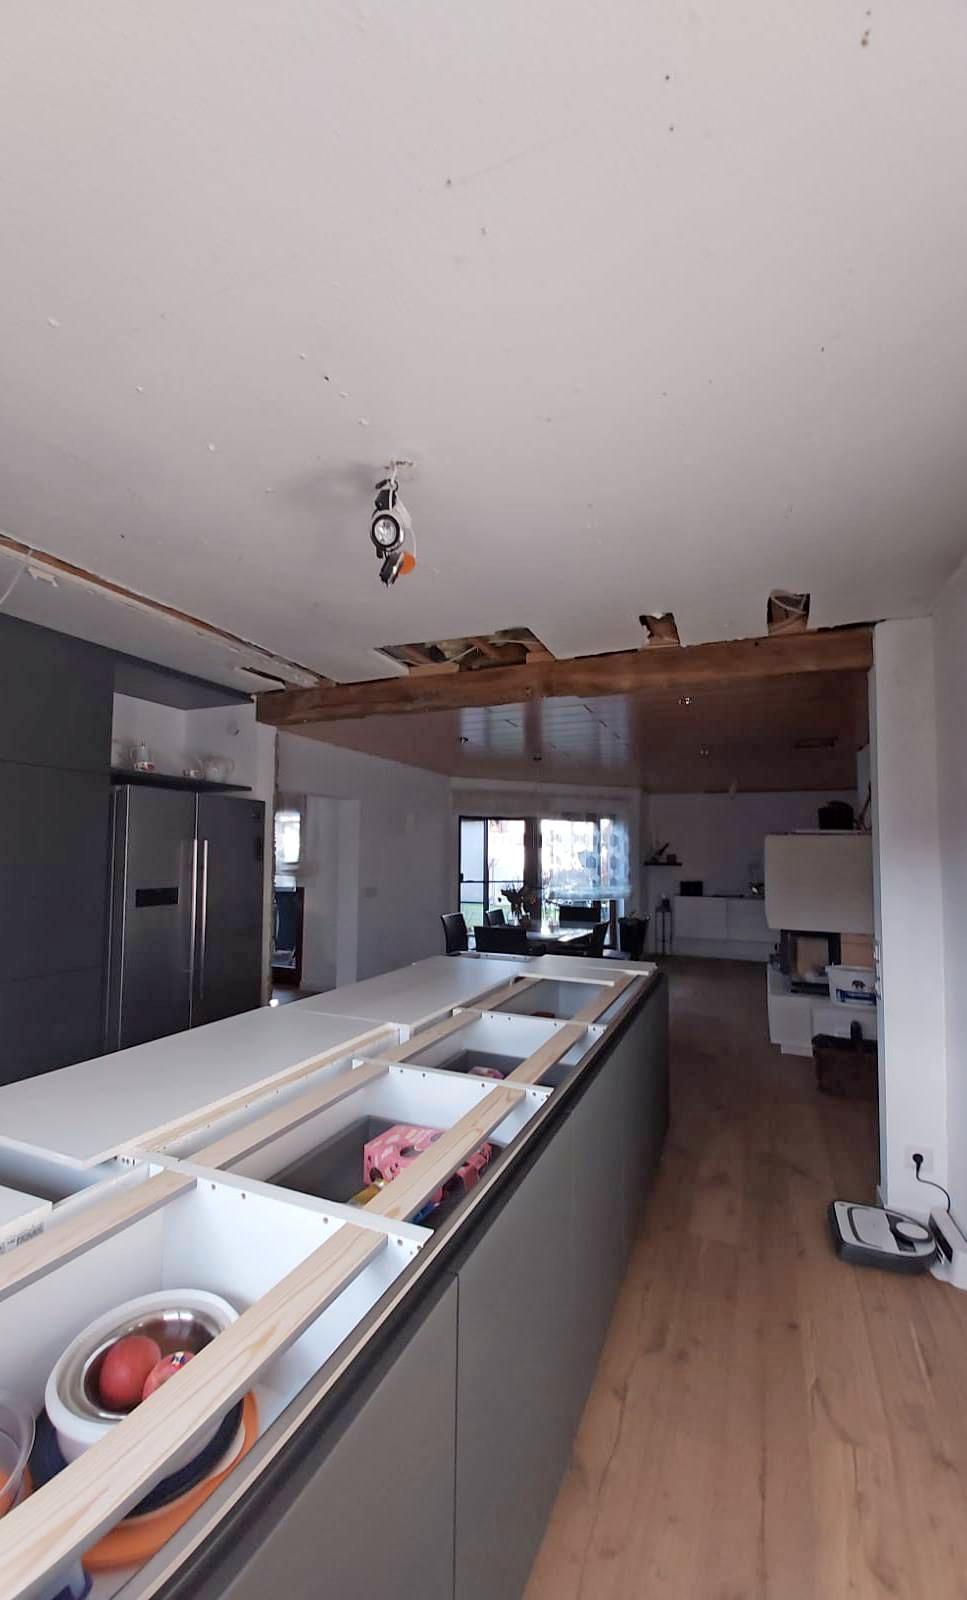 Vorher: Dunkel und wenig einladend wirkt der enge Schlauch von der Küche zum Wohnbereich.